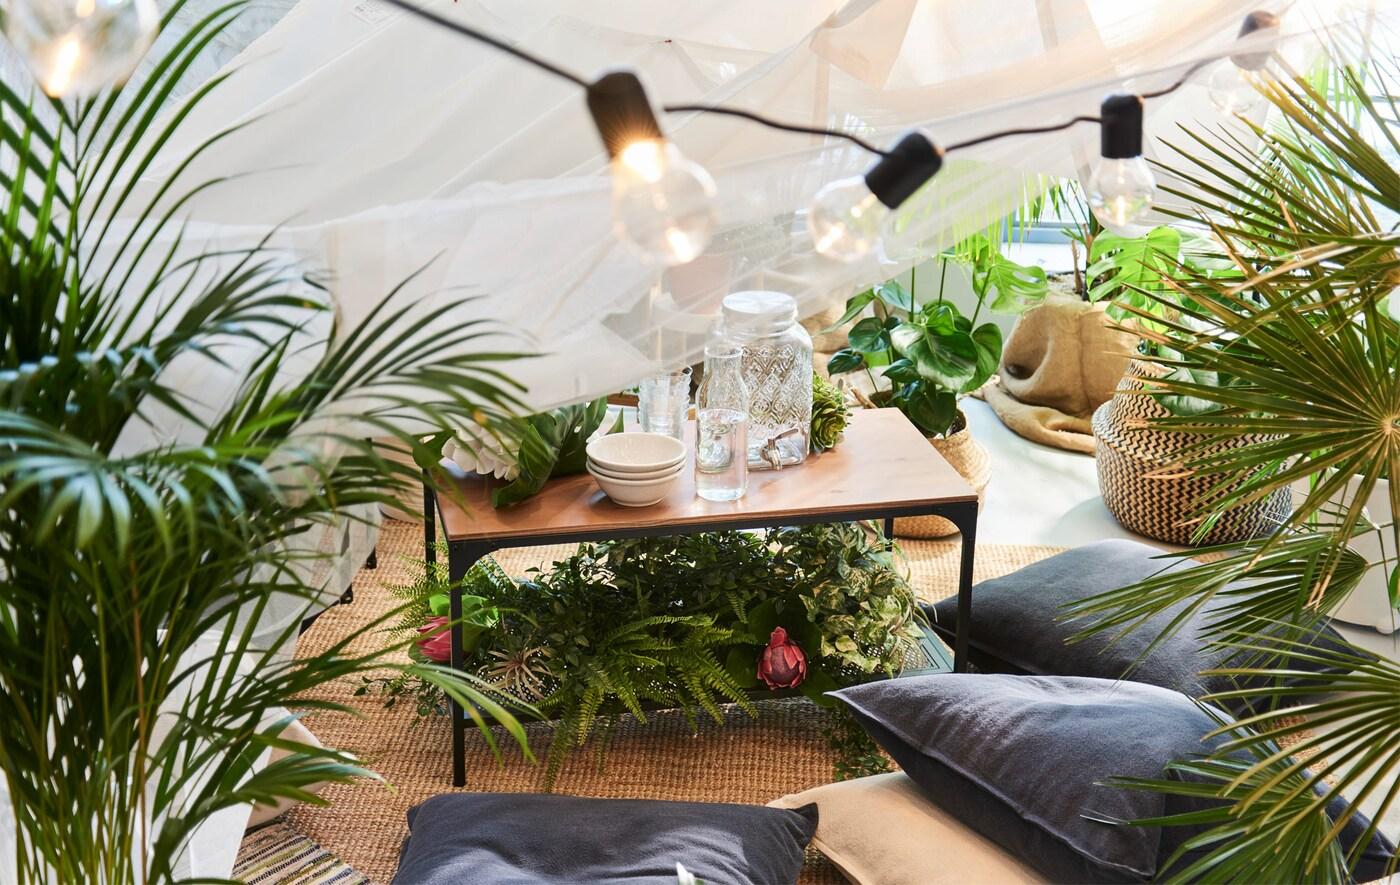 Dir fehlt der Aussenbereich? Das Wetter lässt zu wünschen übrig? Dann hol dir dein Sommerpicknick einfach nach drinnen! Mit ein paar Freunden rund um einen Couchtisch könnt ihr bequem gemeinsam Zeit verbringen. Bei IKEA findest du mehrere Couchtische wie z. B. IKEA FJÄLLBO Couchtisch aus schwarzem Me